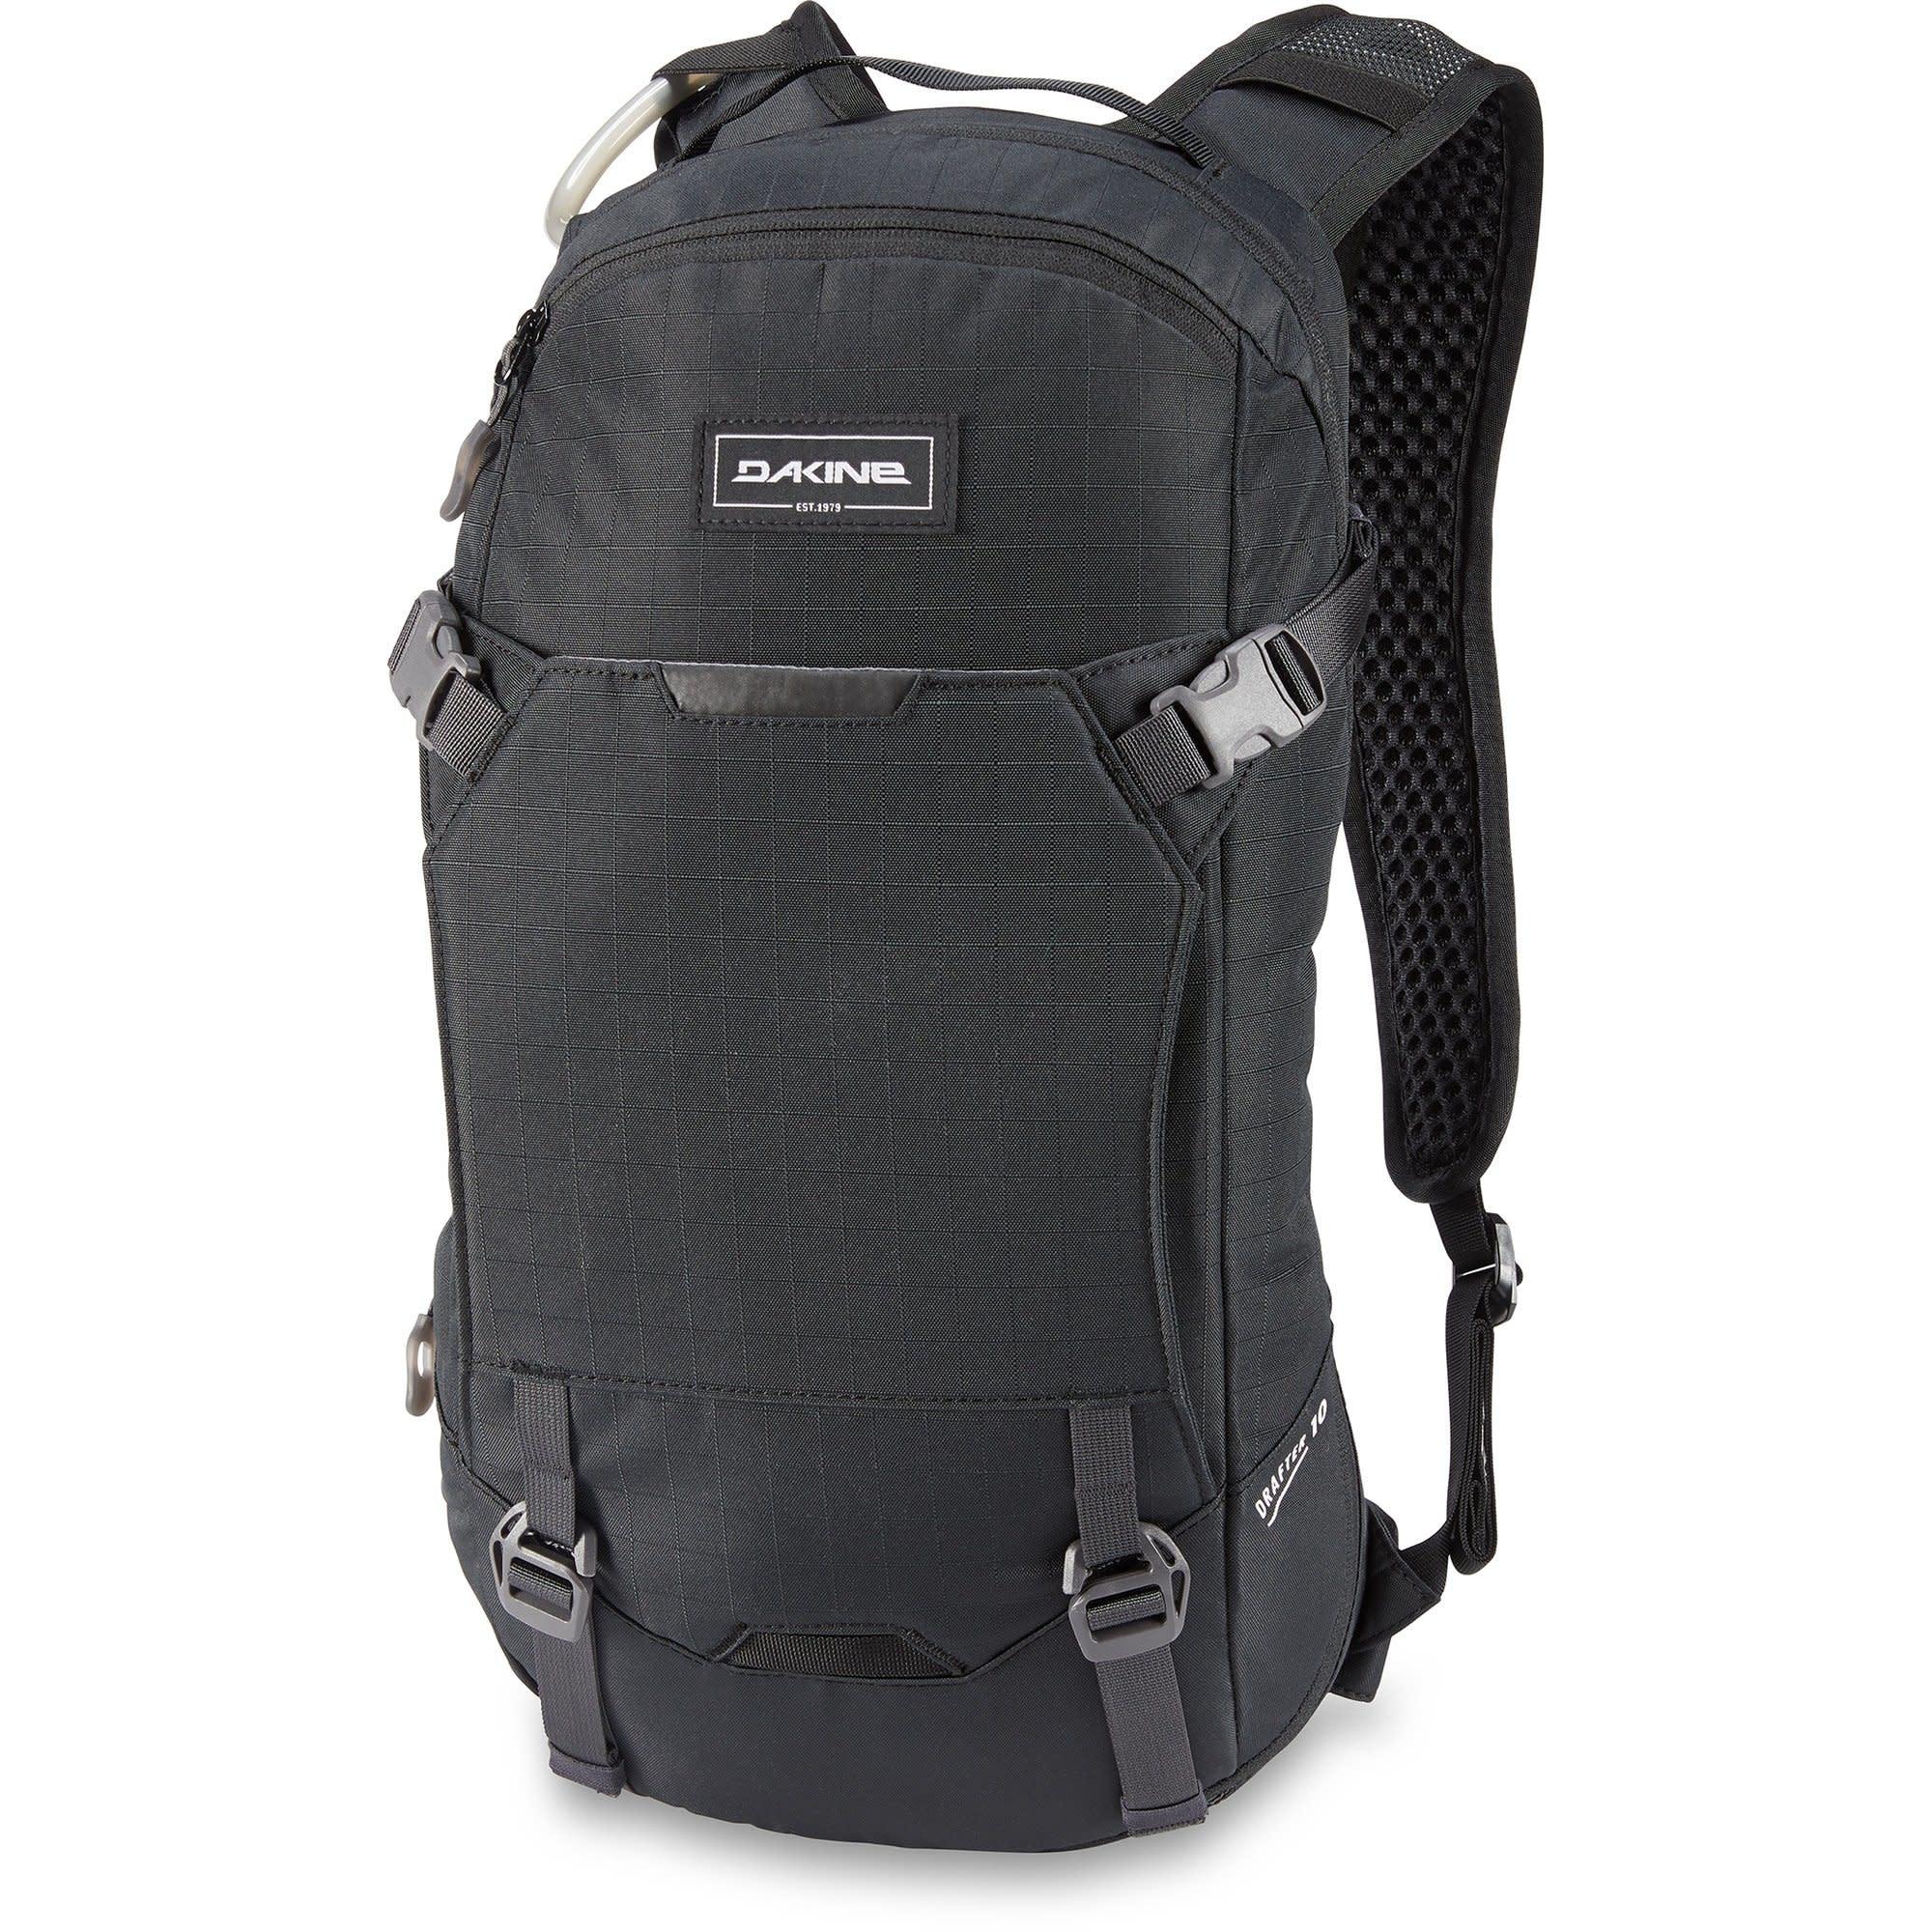 Dakine Dakine Drafter 10L Hydration Backpack